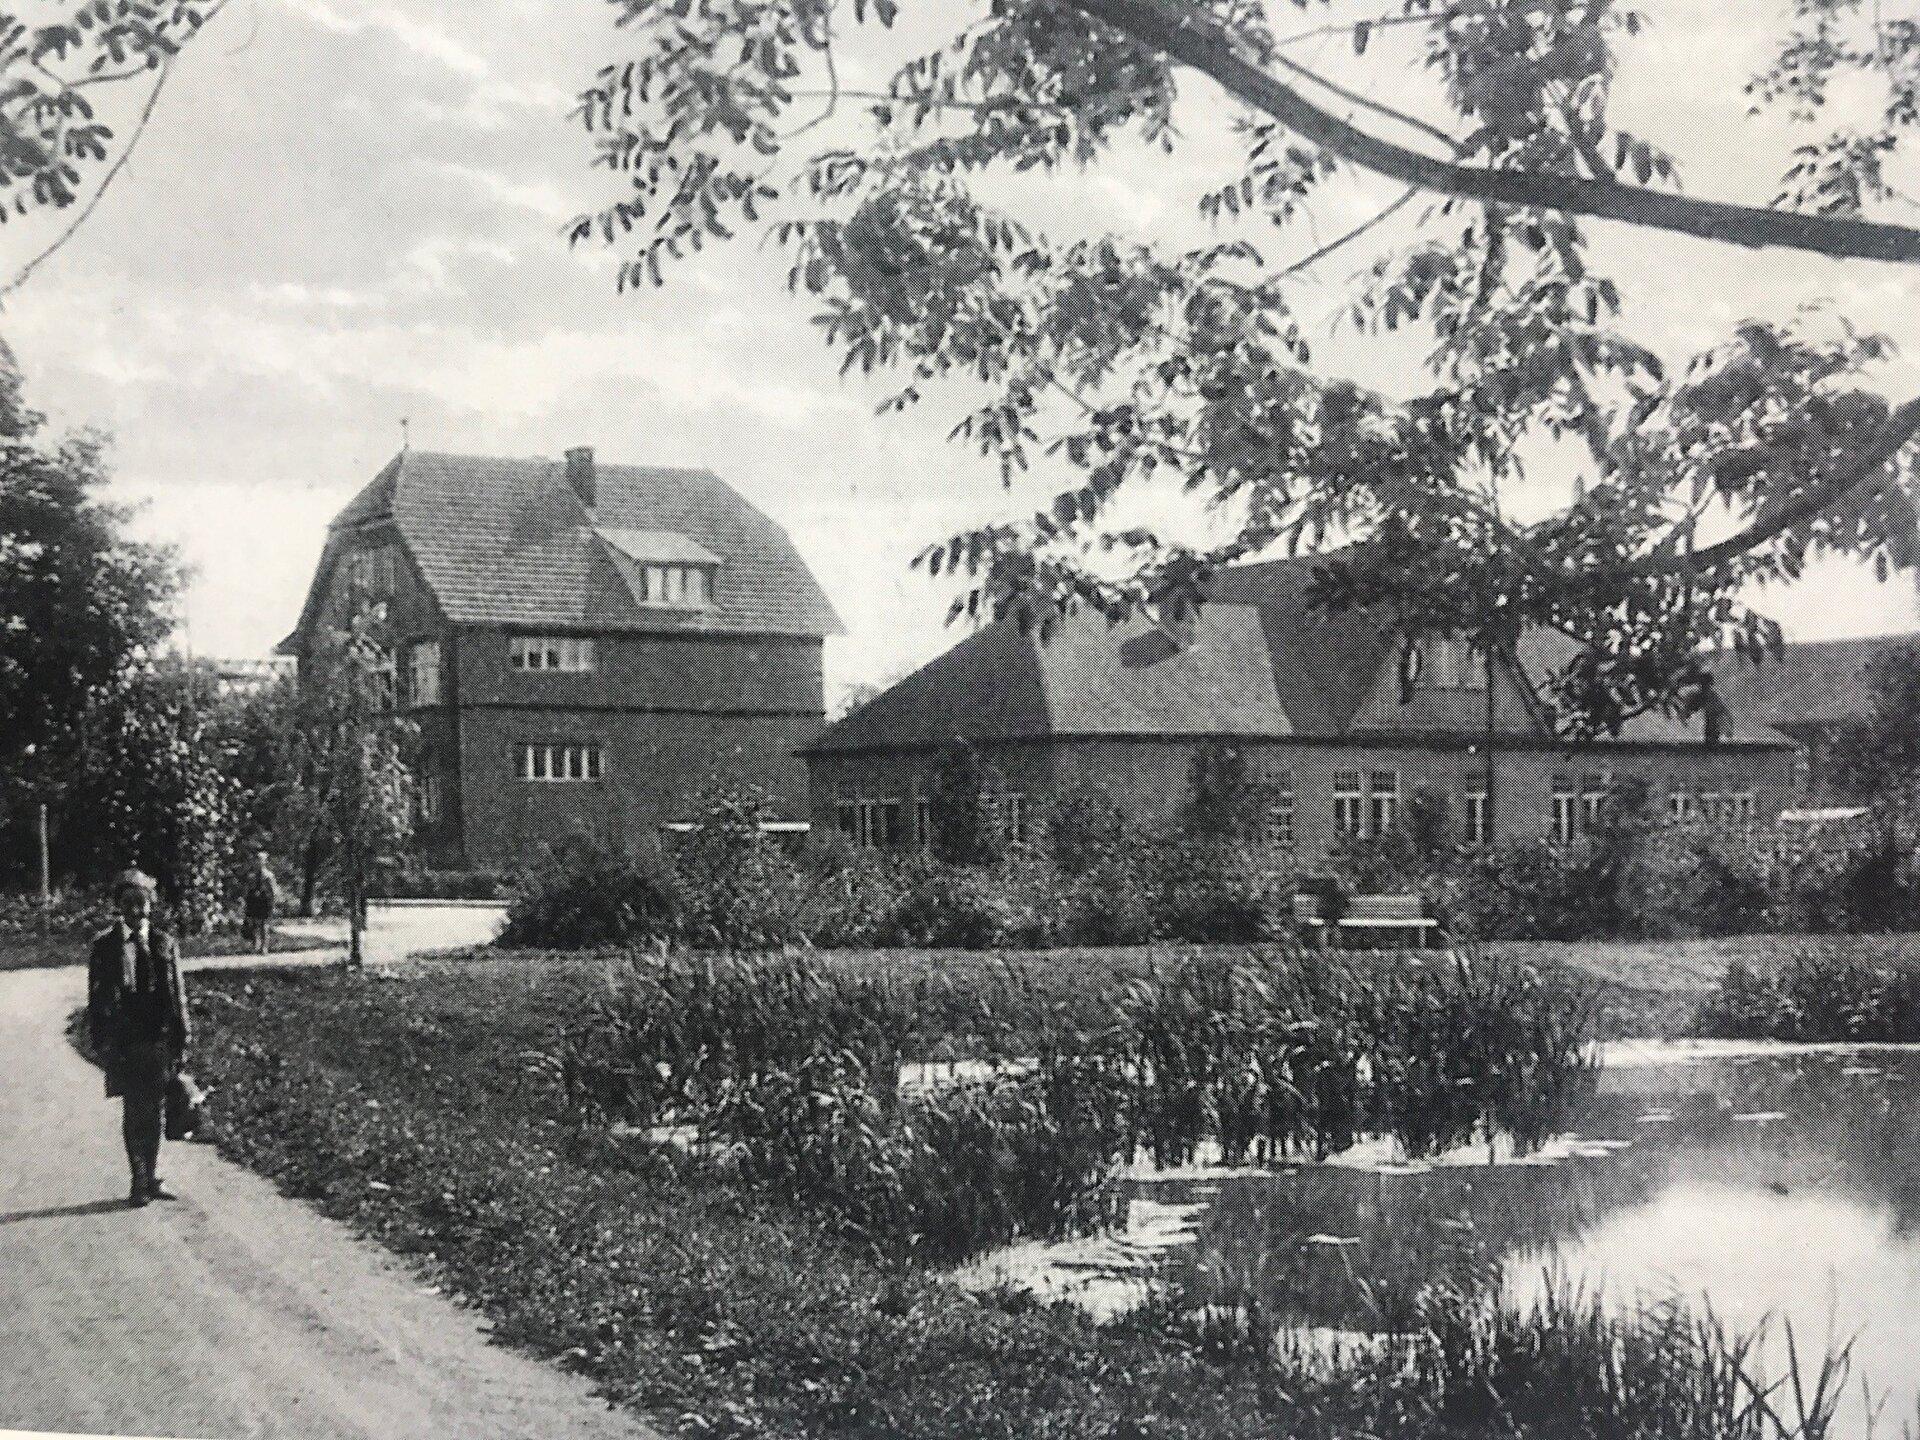 1960 wurde der Gutsparkteich, der im Süden den Gutspark begrenzte, zugeschüttet (Quelle: Museum und Galerie Falkensee).